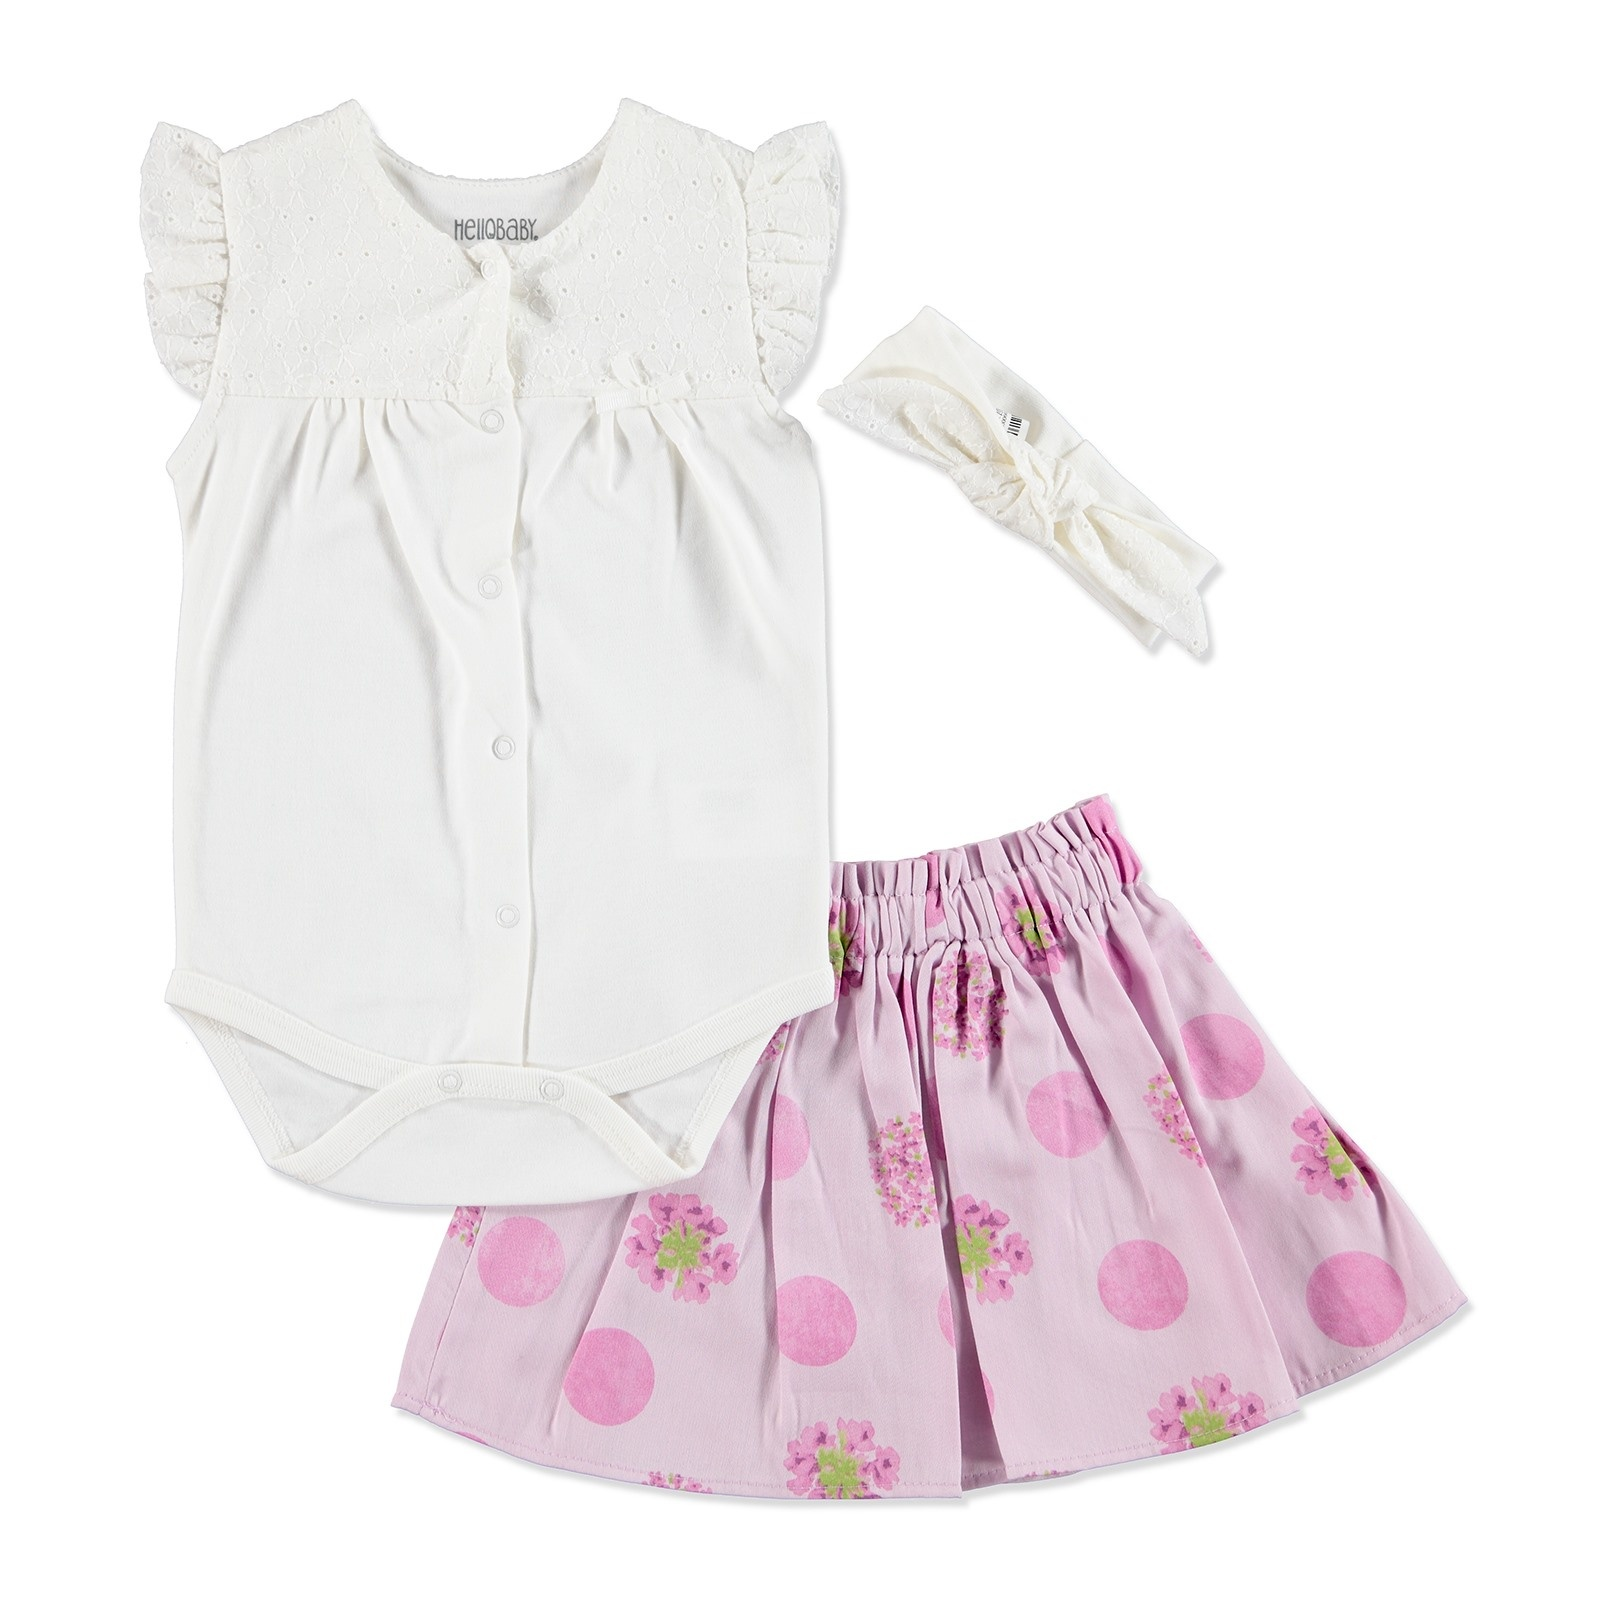 Ebebek HelloBaby Summer Baby Girl Dot Flower Skirt T-shirt Set